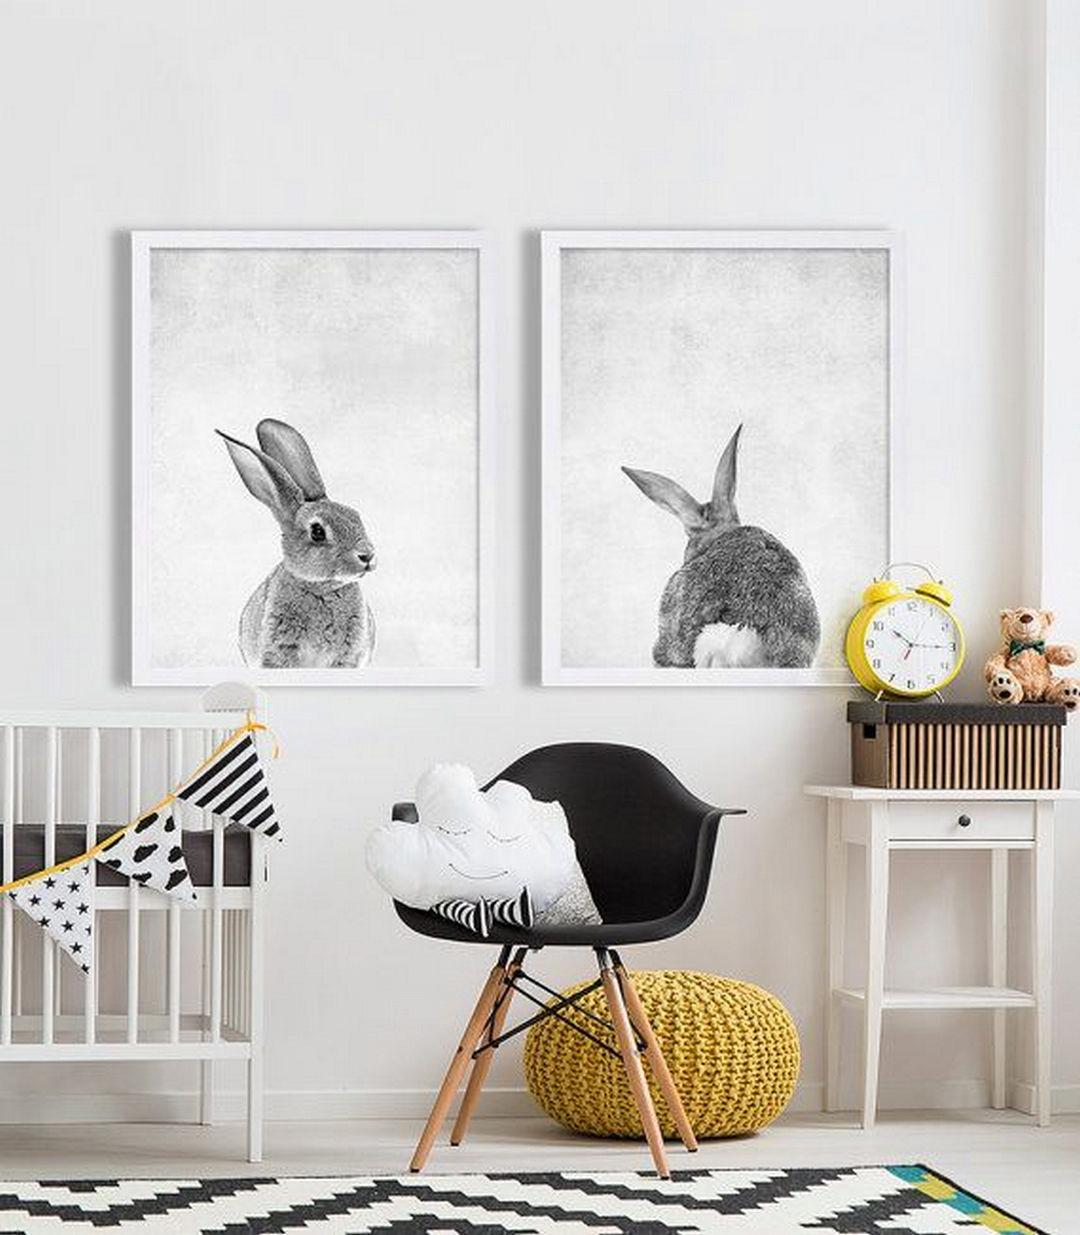 Adorable Gender Neutral Kids Bedroom: 108 Best Interior Ideas www.futuristarchi... alles für Ihren Erfolg - www.ratsucher.de